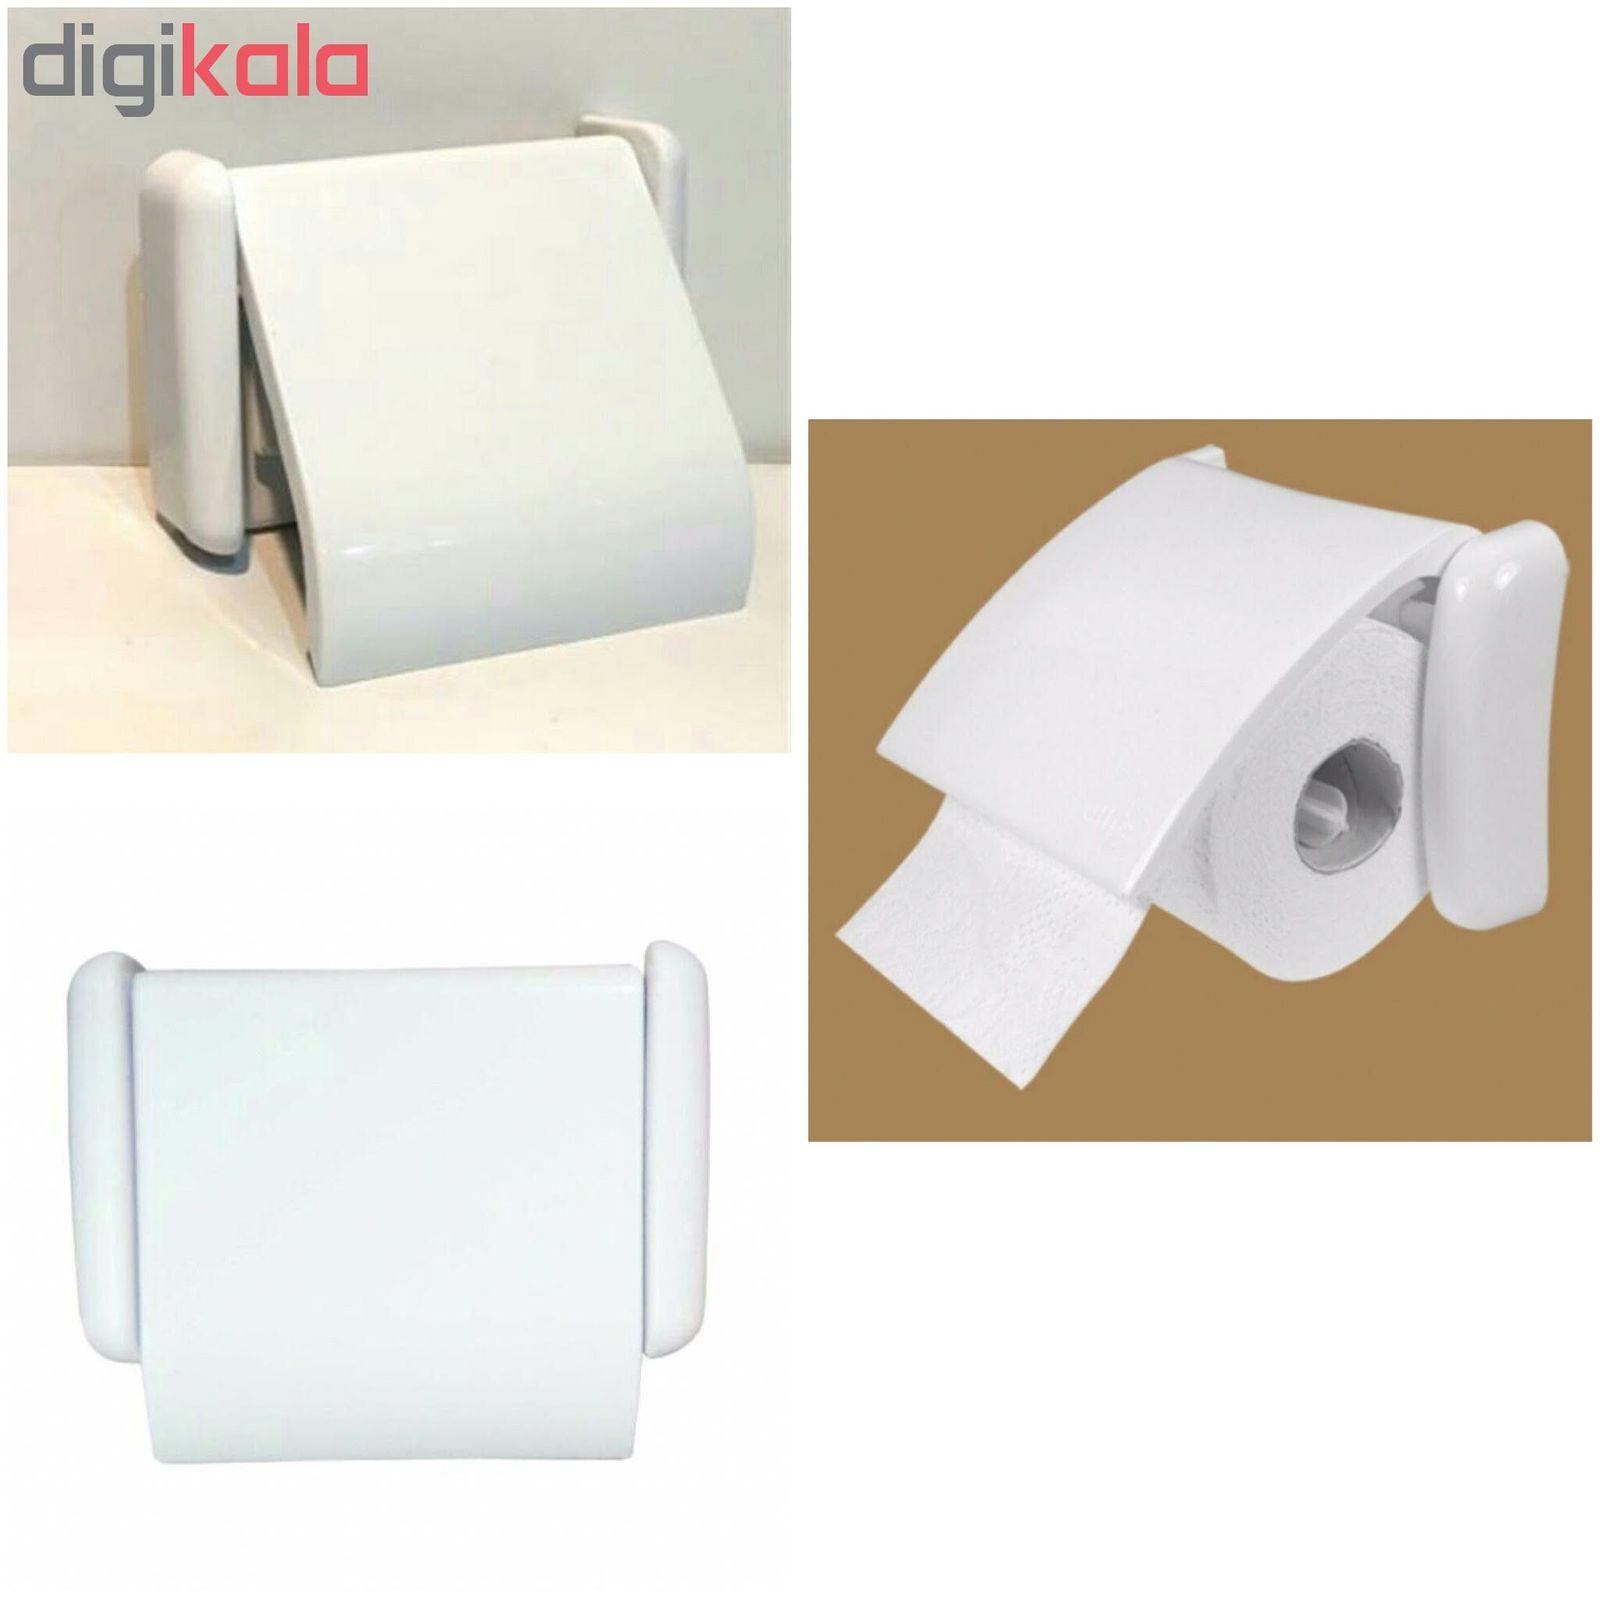 پایه دستمال توالت لیون مدل WC200  main 1 1